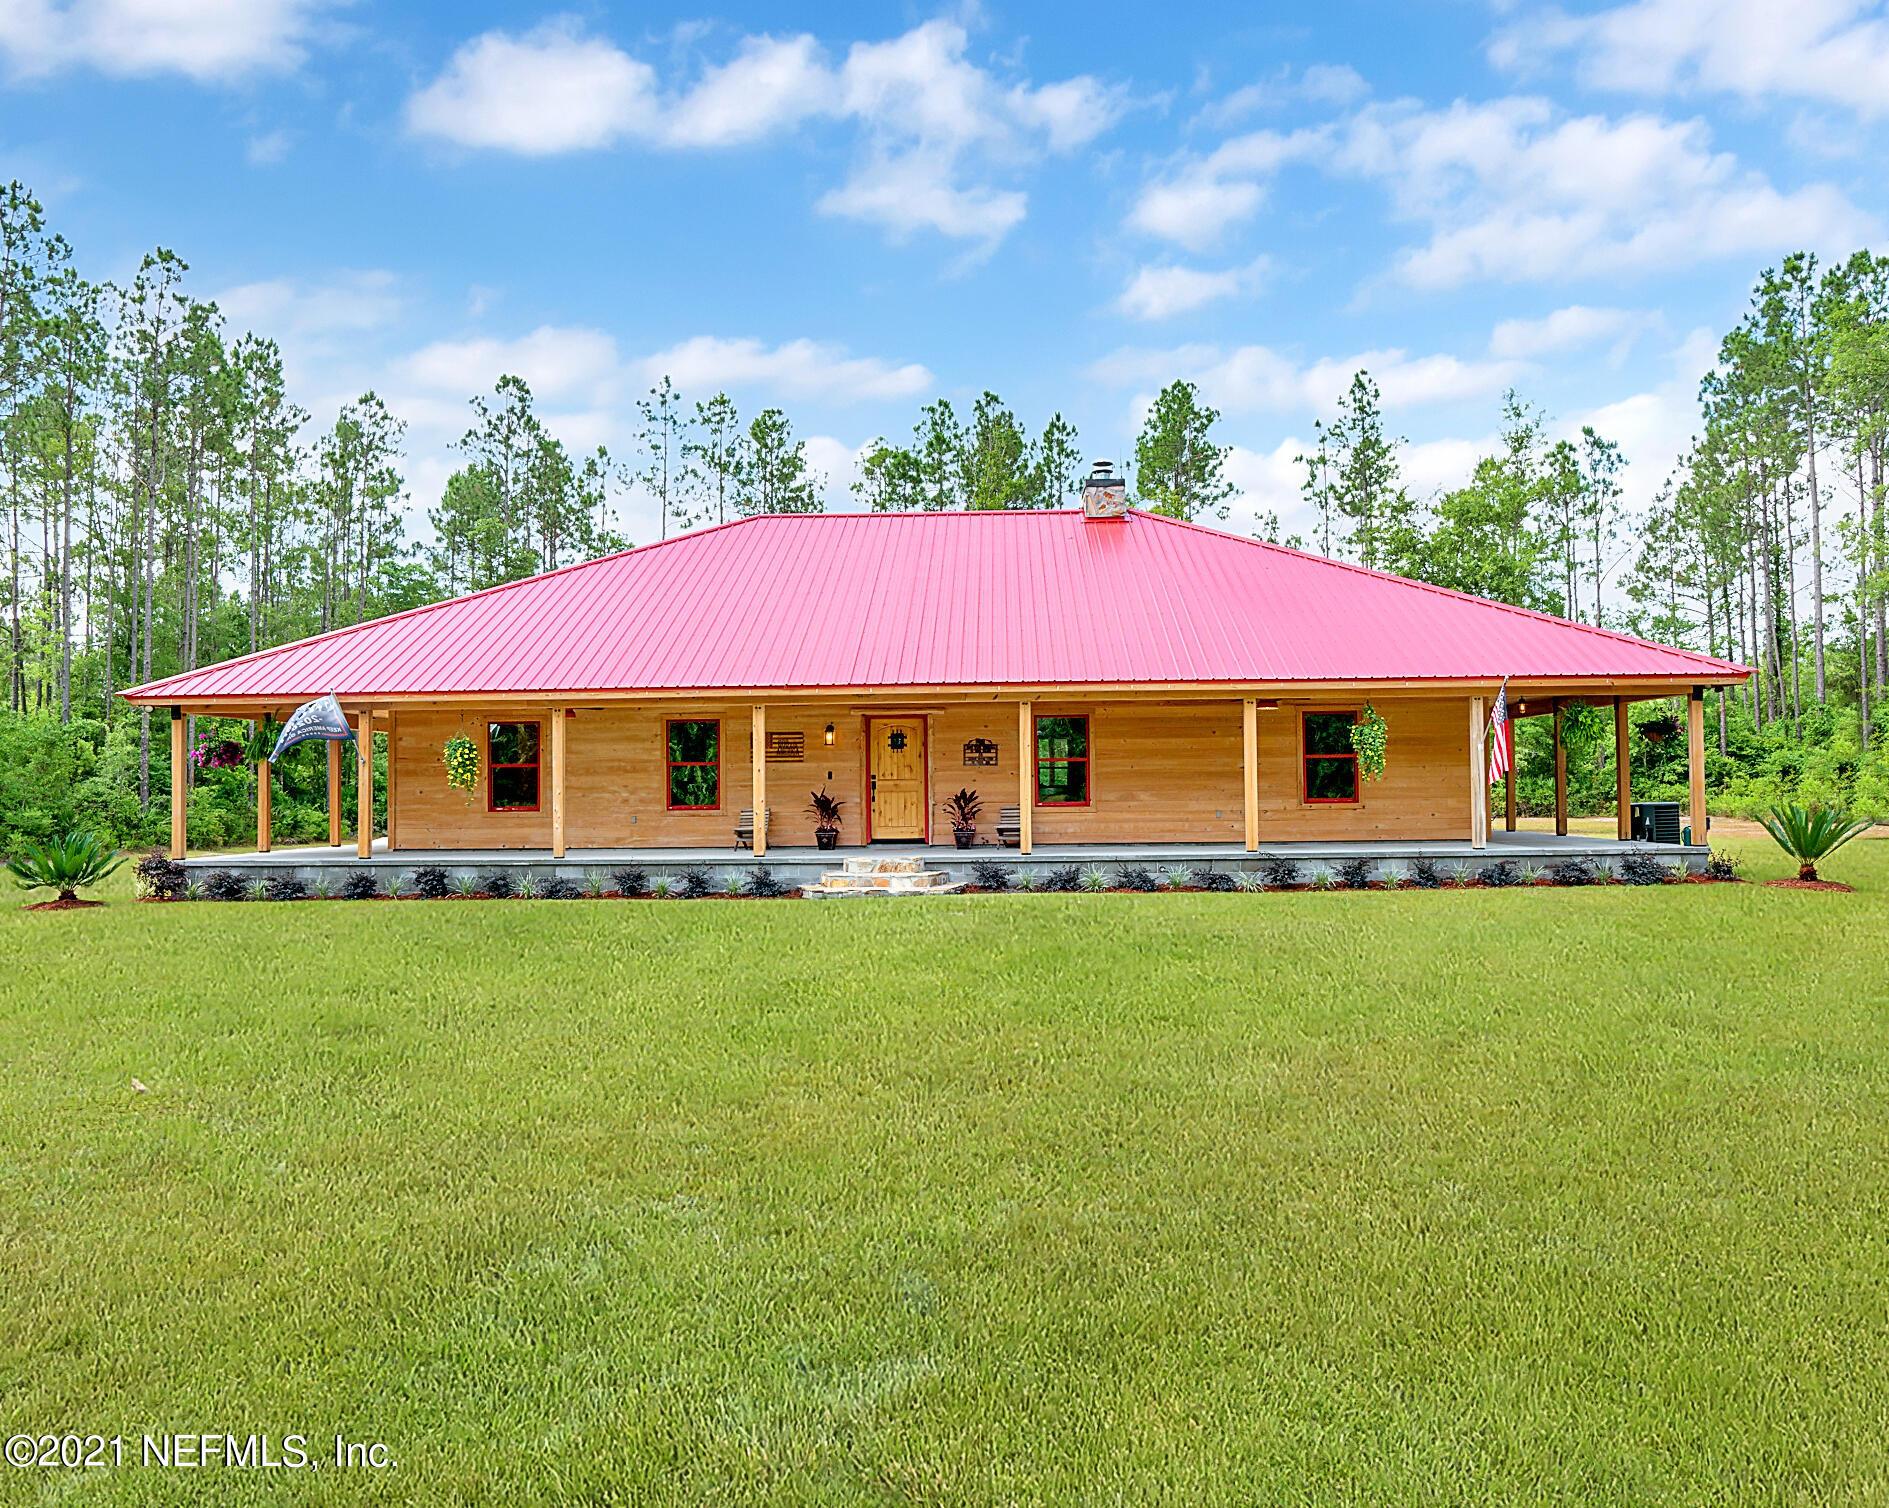 Details for 10504 Creek Rd, GLEN ST. MARY, FL 32040